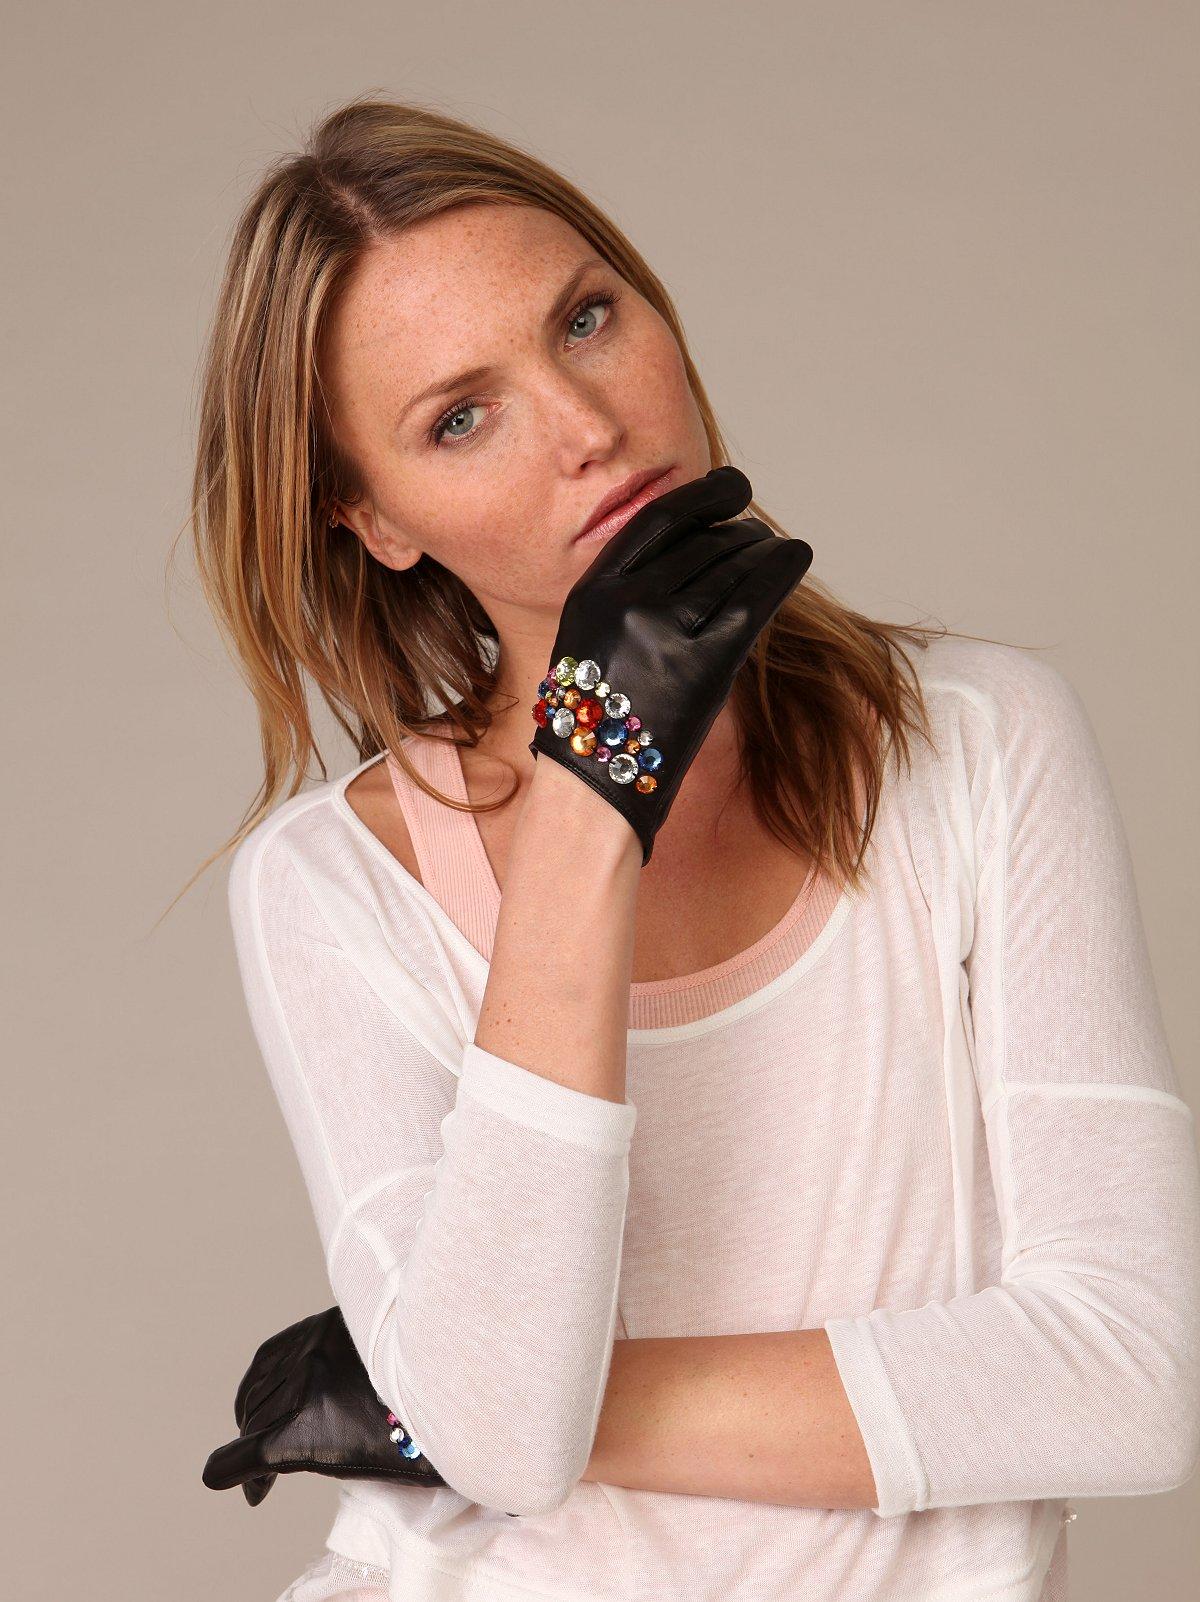 Sara's Glove